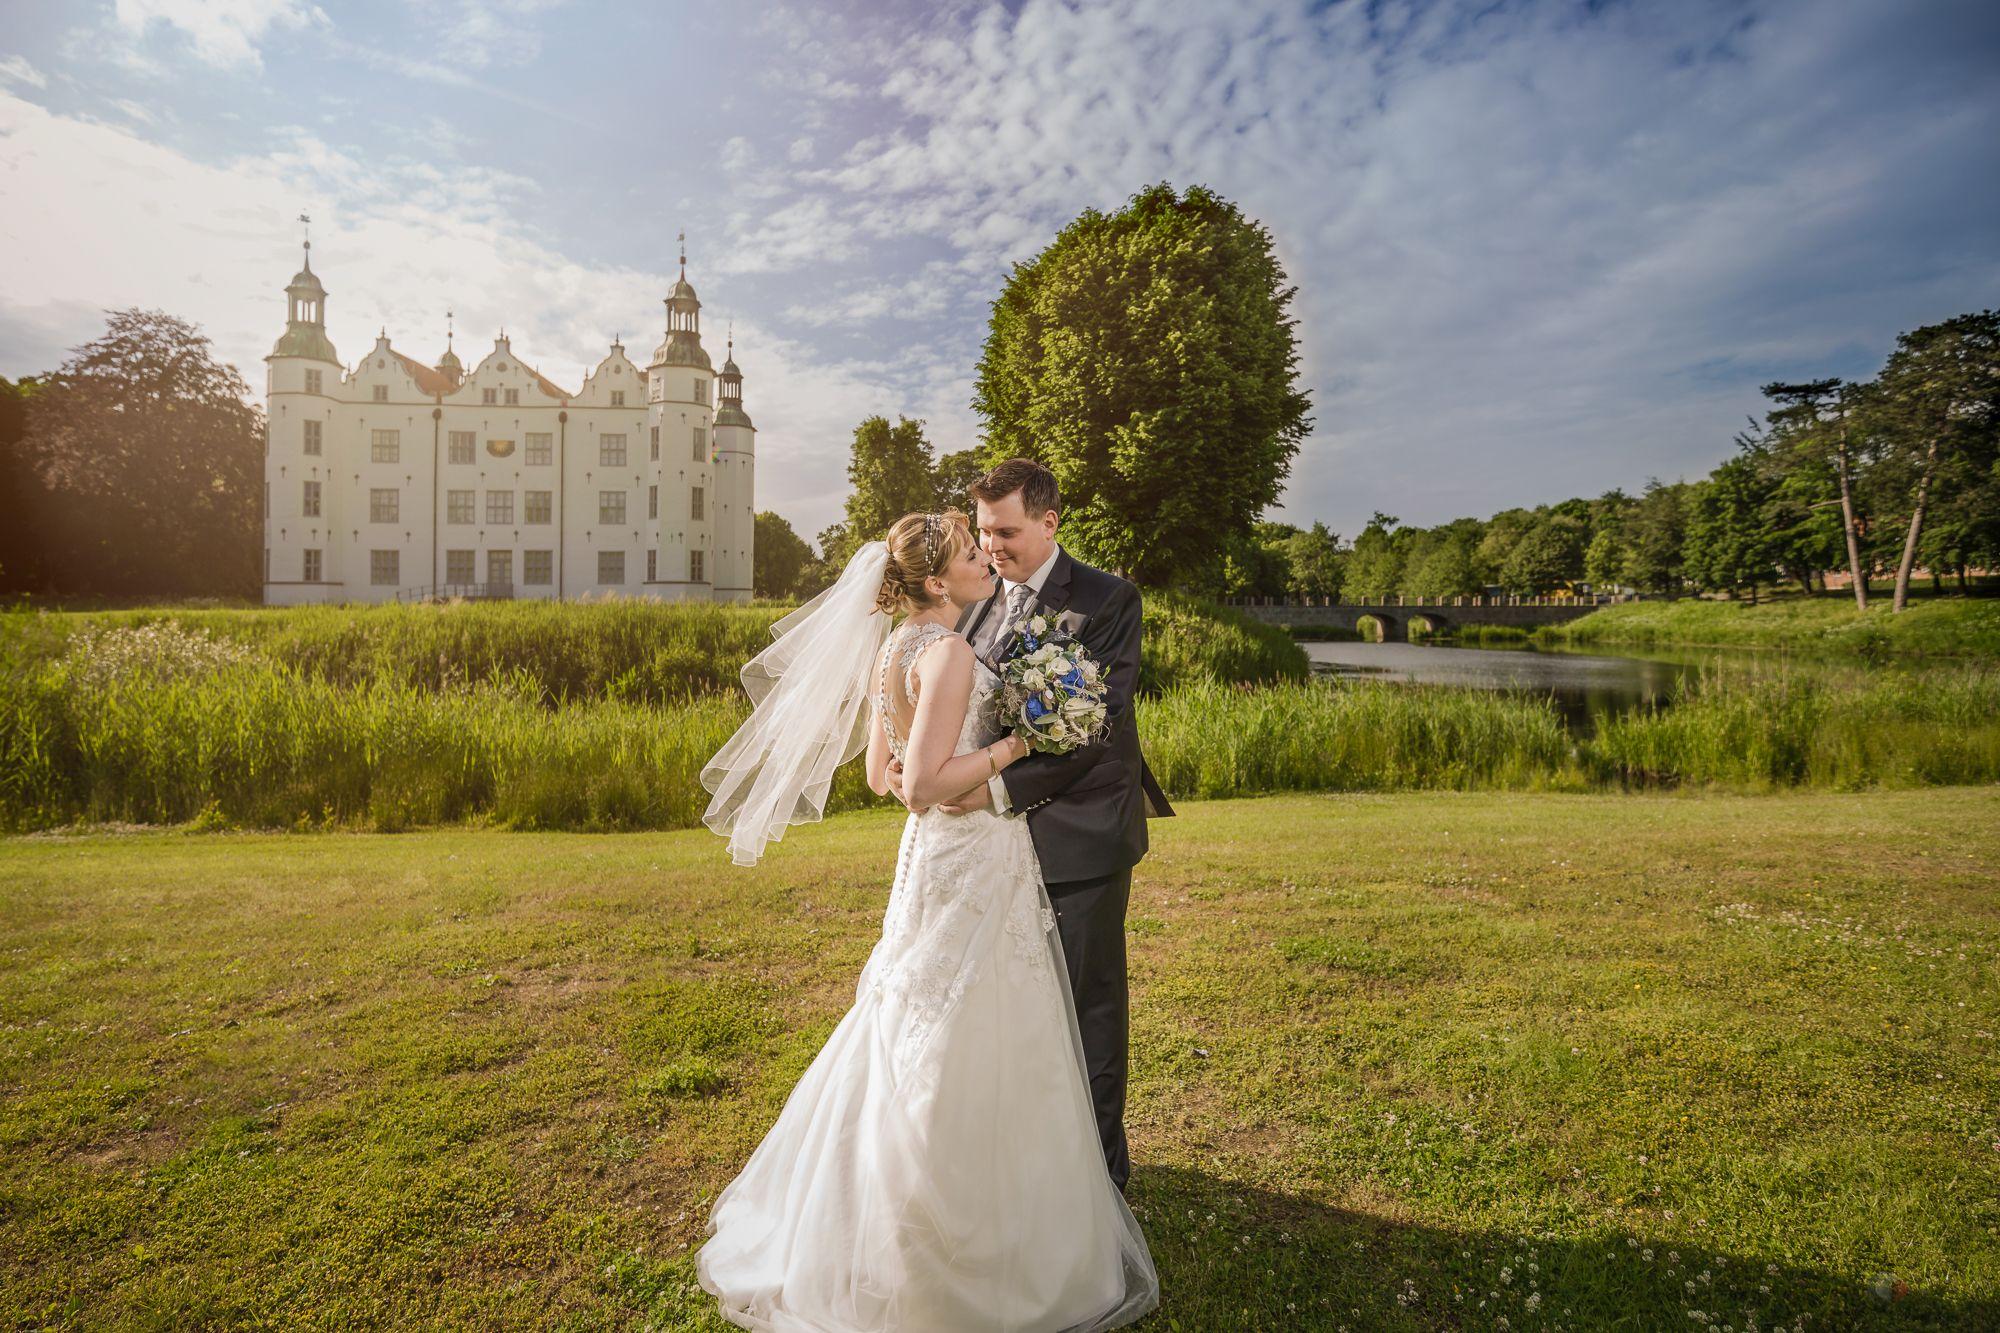 Standesamtliche Kirchliche Trauung Von Nathalie Und Heiko Hochzeitsfotografie Hochzeitsfieber By Phot Kirchliche Trauung Hochzeitsfotografie Hochzeitsfotos